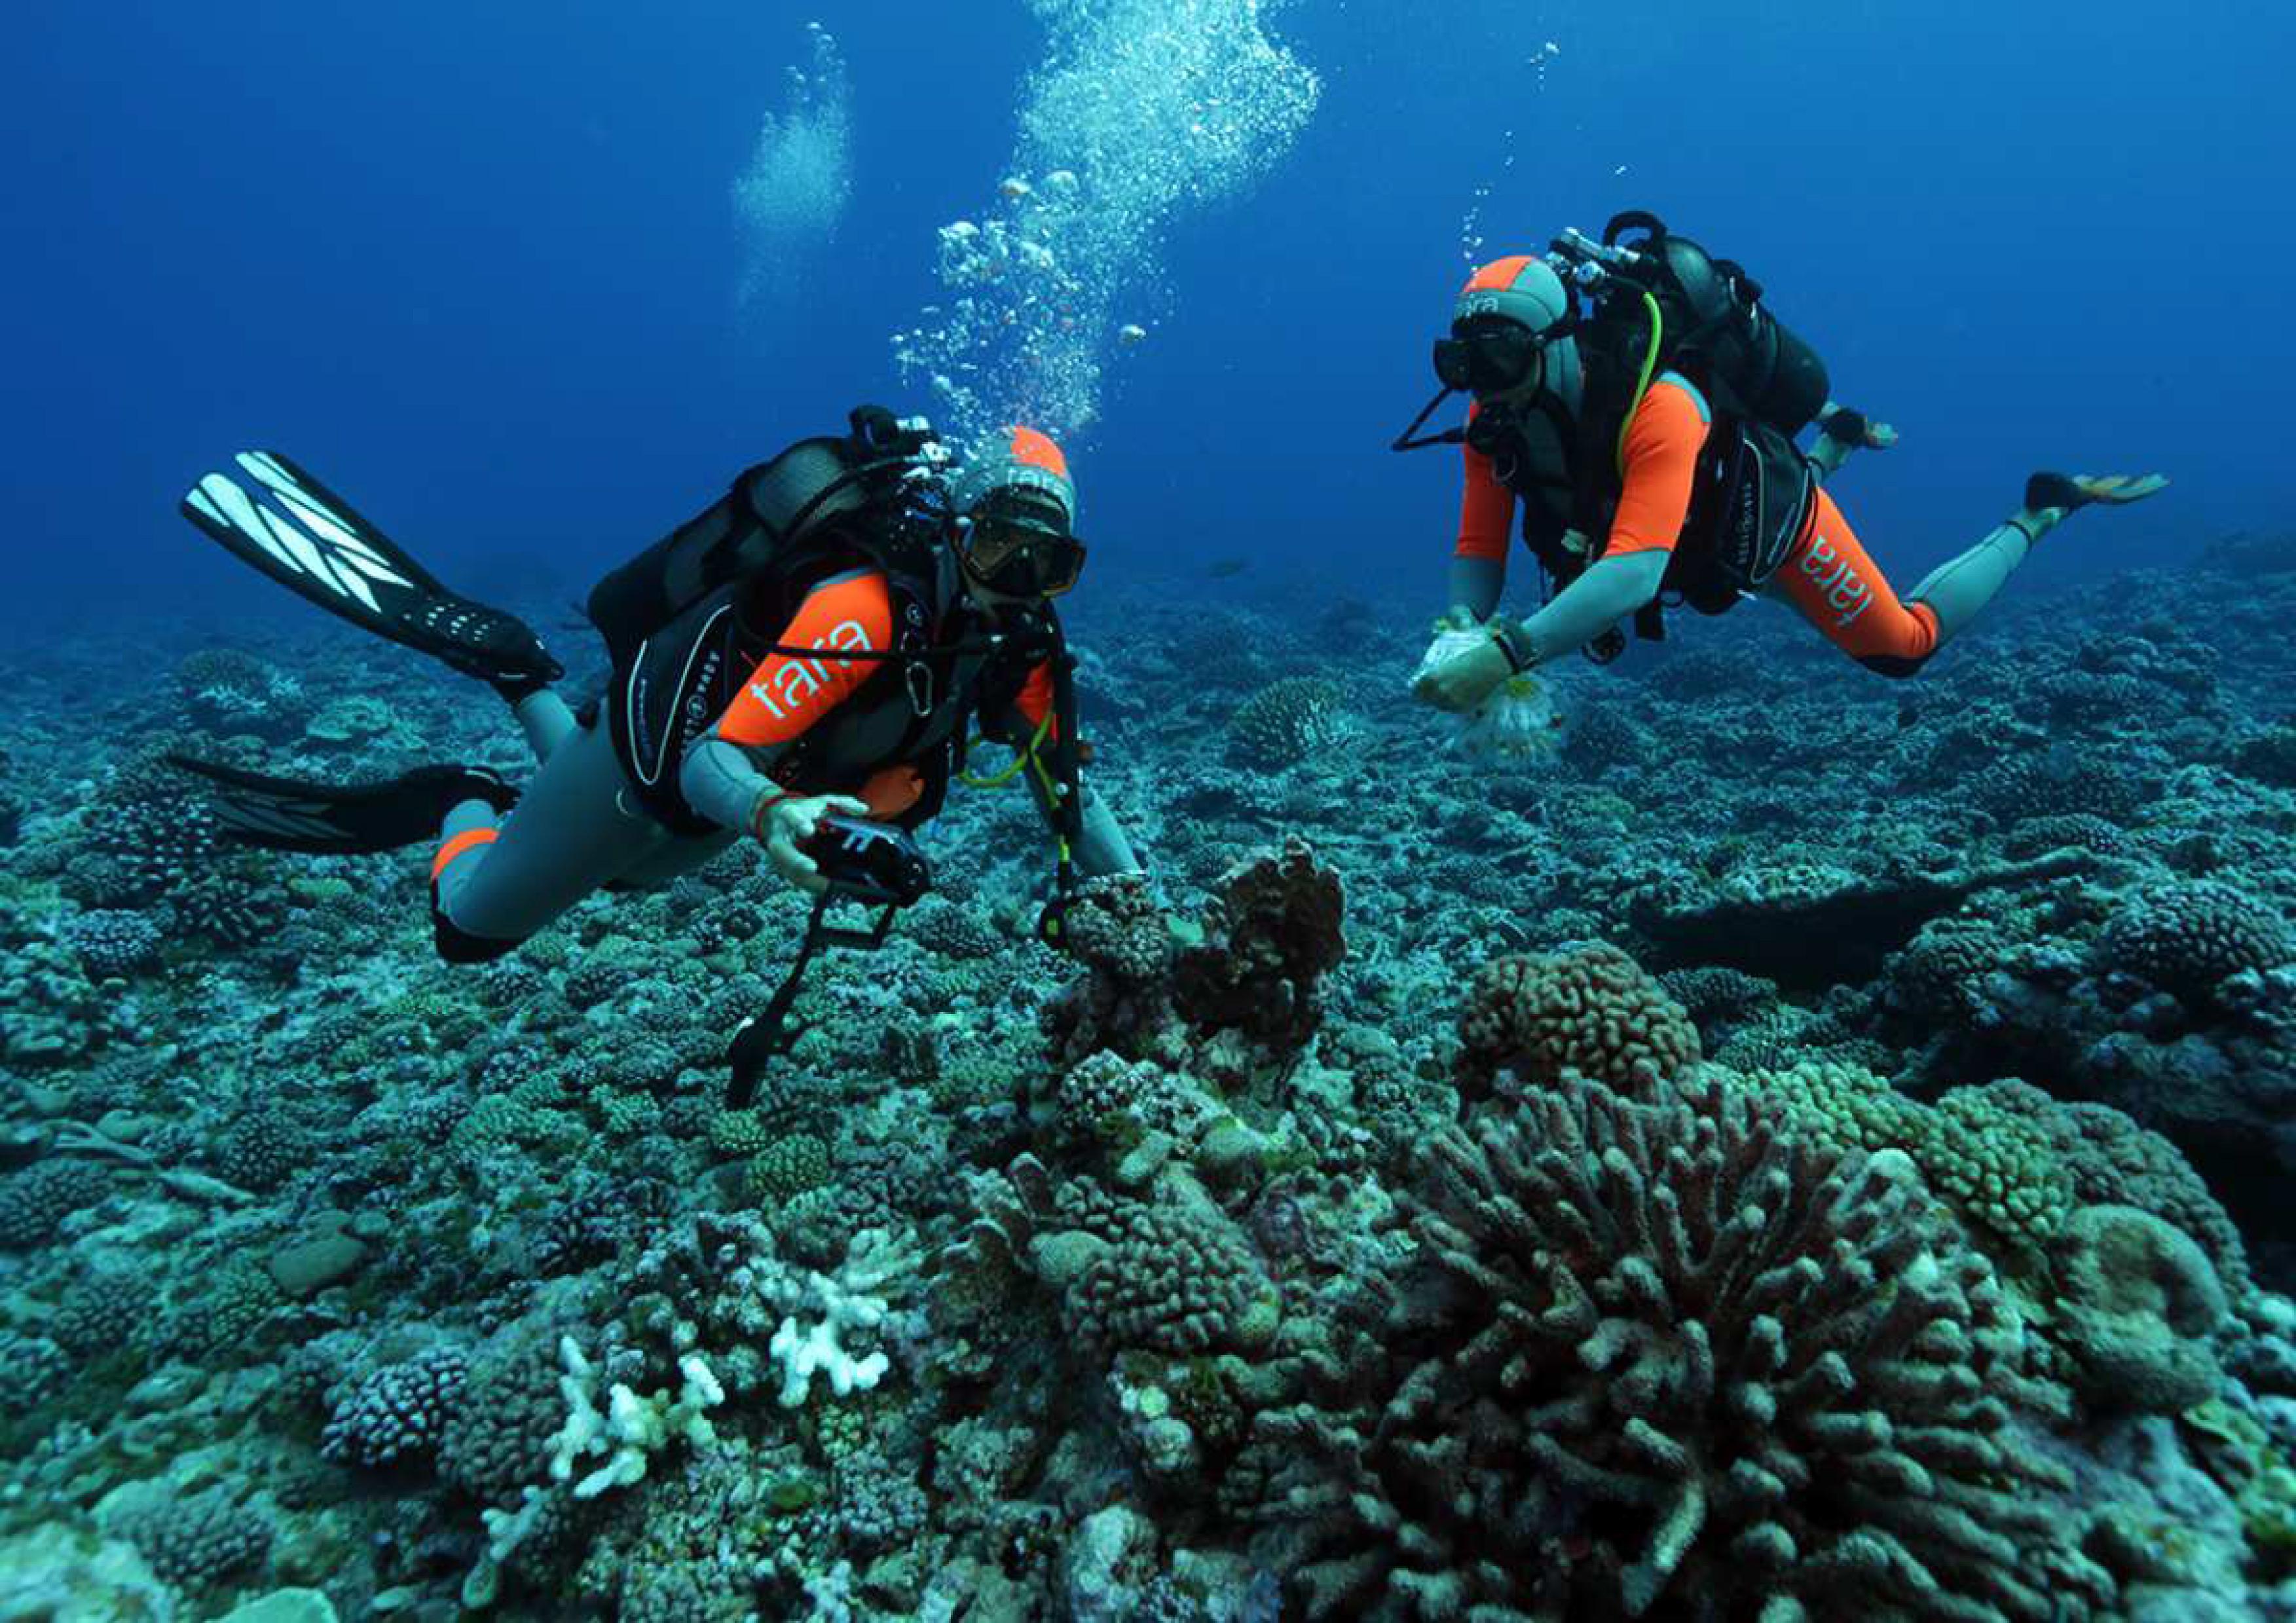 Les Dr. Laetitia Hedouin et David Monmarche, jeunes chercheurs du Criobe seront également décorés pour leur implication dans la recherche en biologie marine.